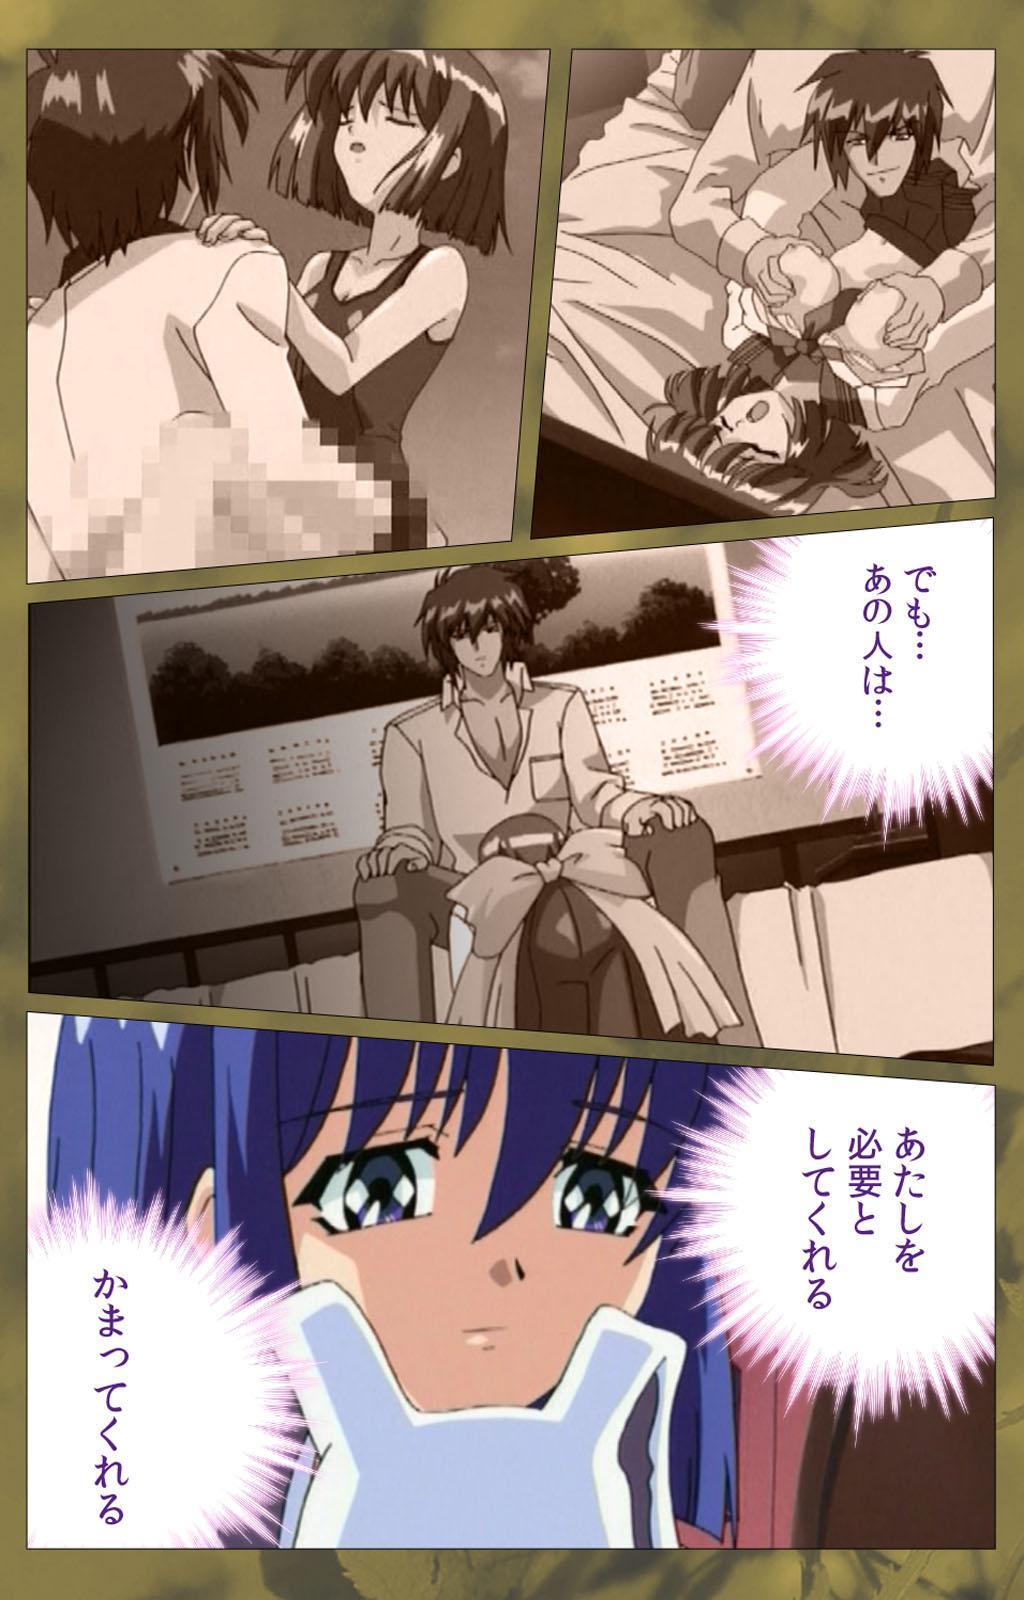 'watashi ningyo jaarimasen' kanzenhan 440